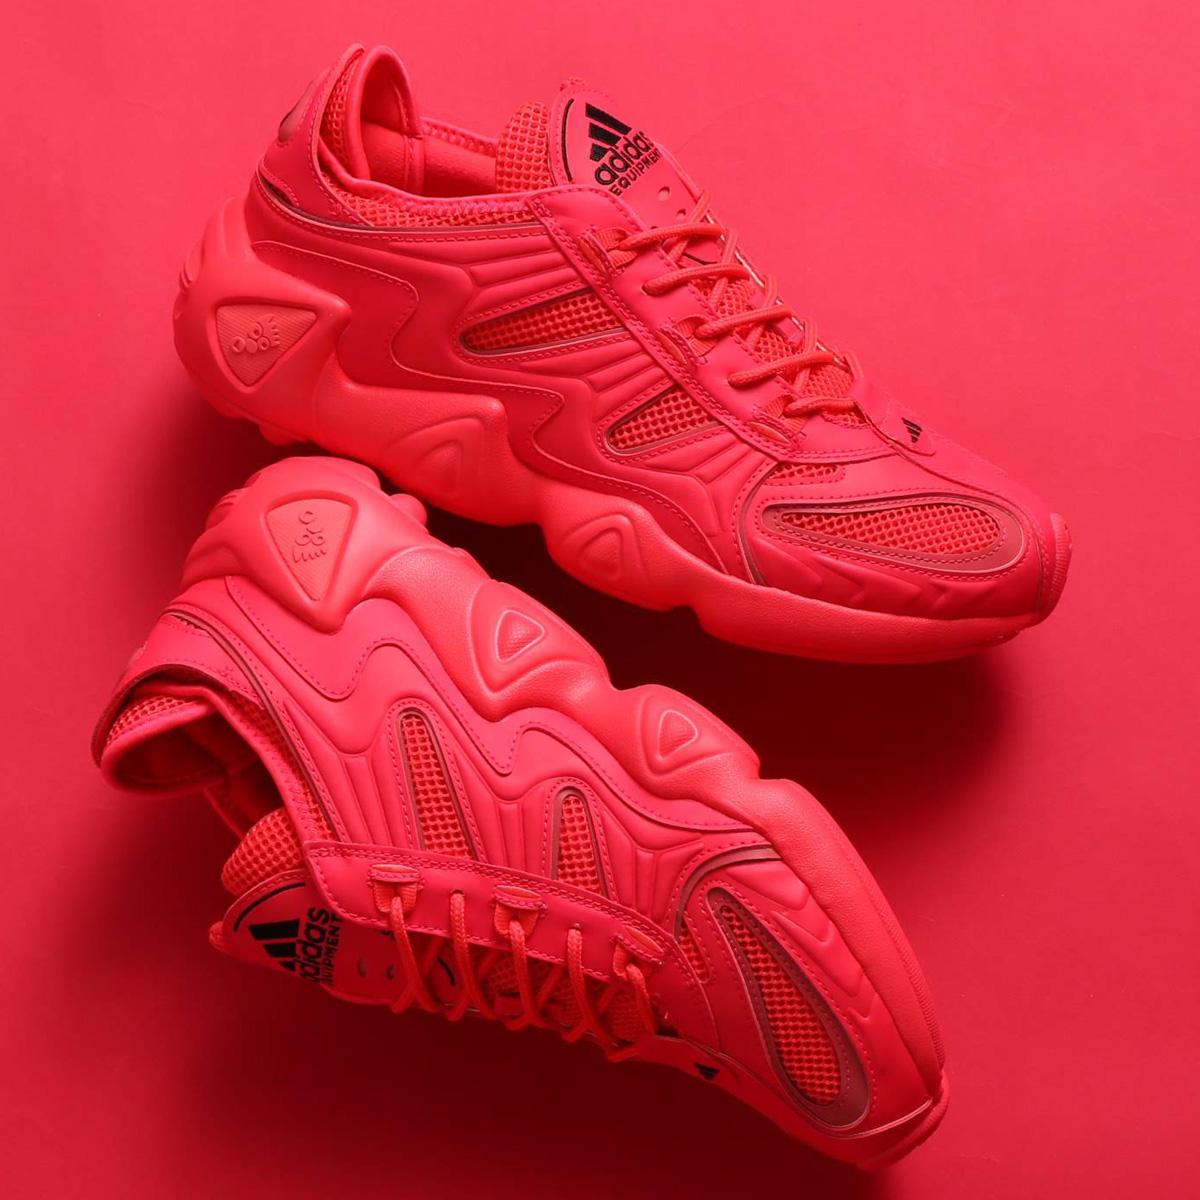 adidas FYW S-97 W(アディダスオリジナルス フィーツーウェア S-97 W)SCHOCK RED/SCHOCK RED/CORE BLACK【メンズ レディース スニーカー】19FW-S